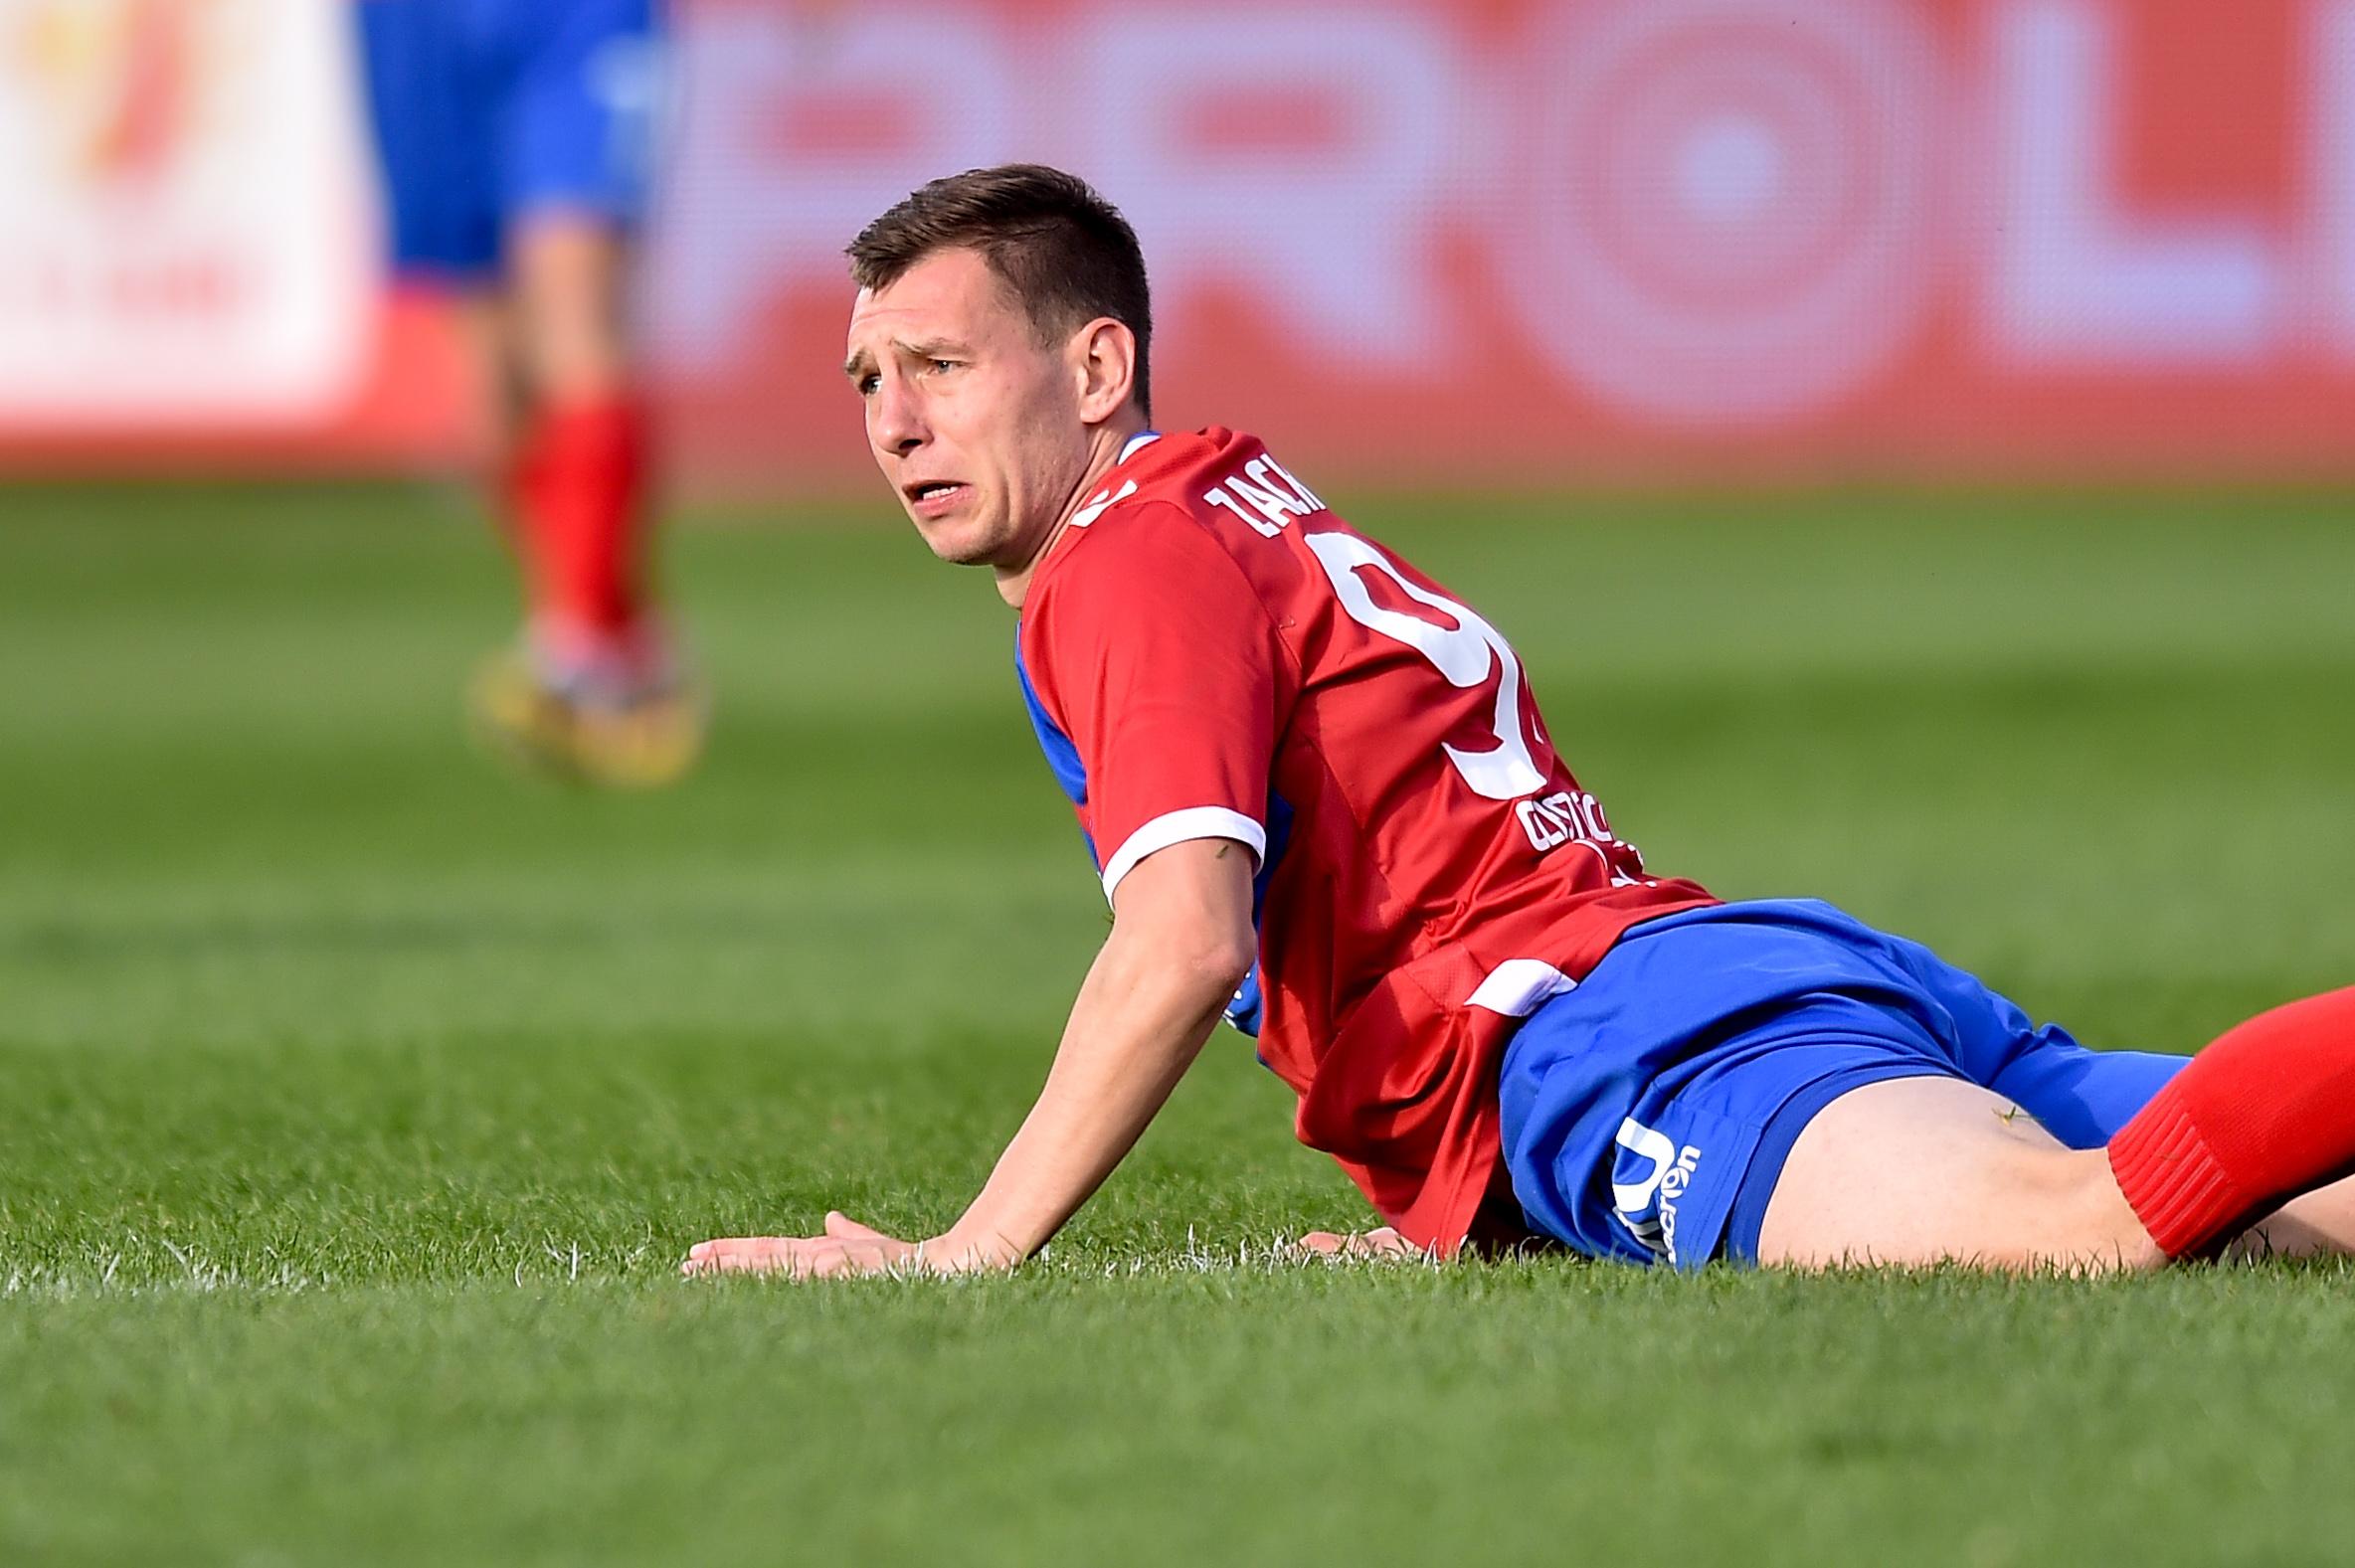 Mateusz Zachara zagra w bośniackiej ekstraklasie!